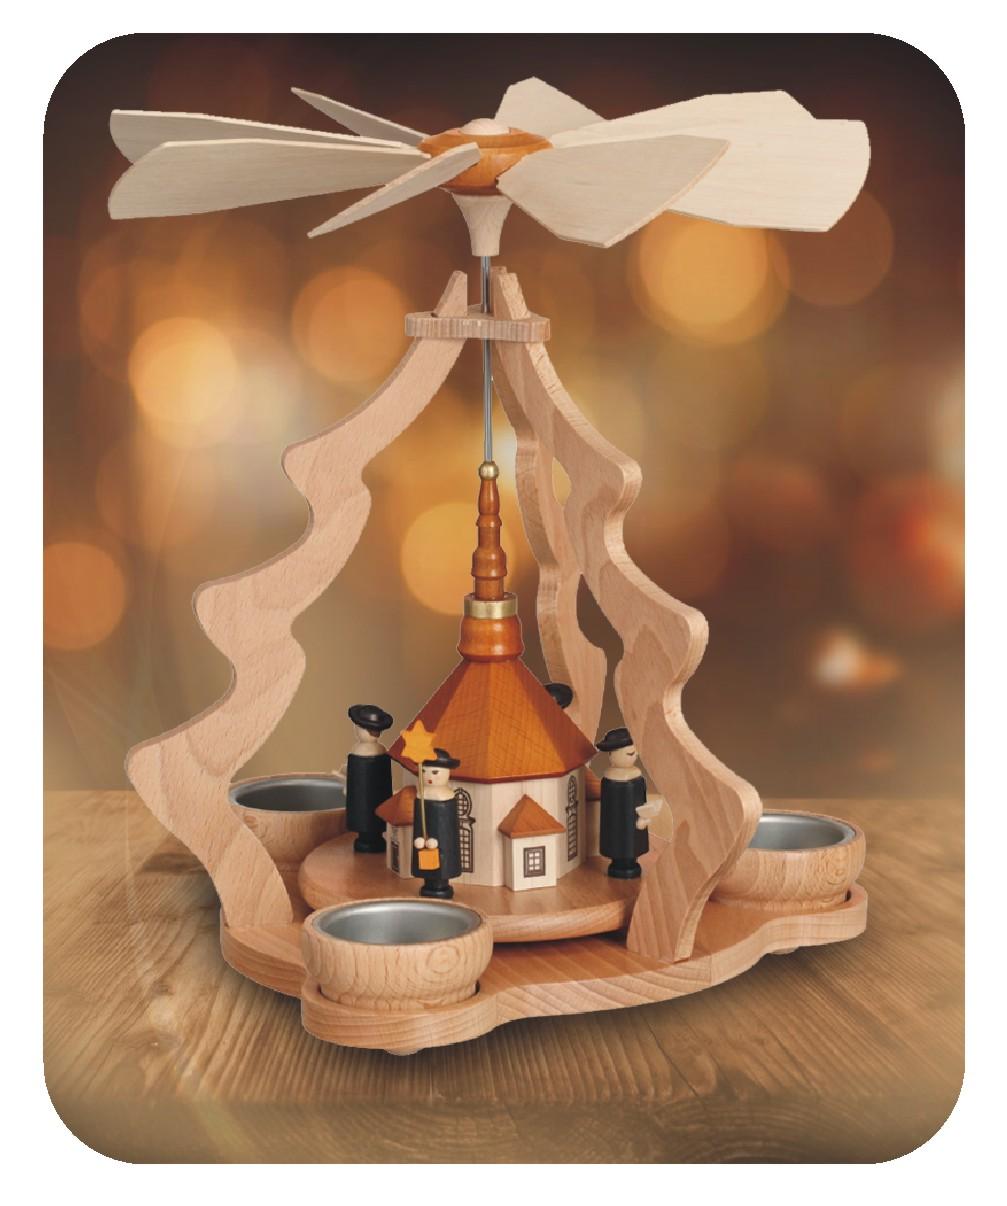 Tischpyramide mit Seiffener Kirche und Kurrende für drei Teelichter